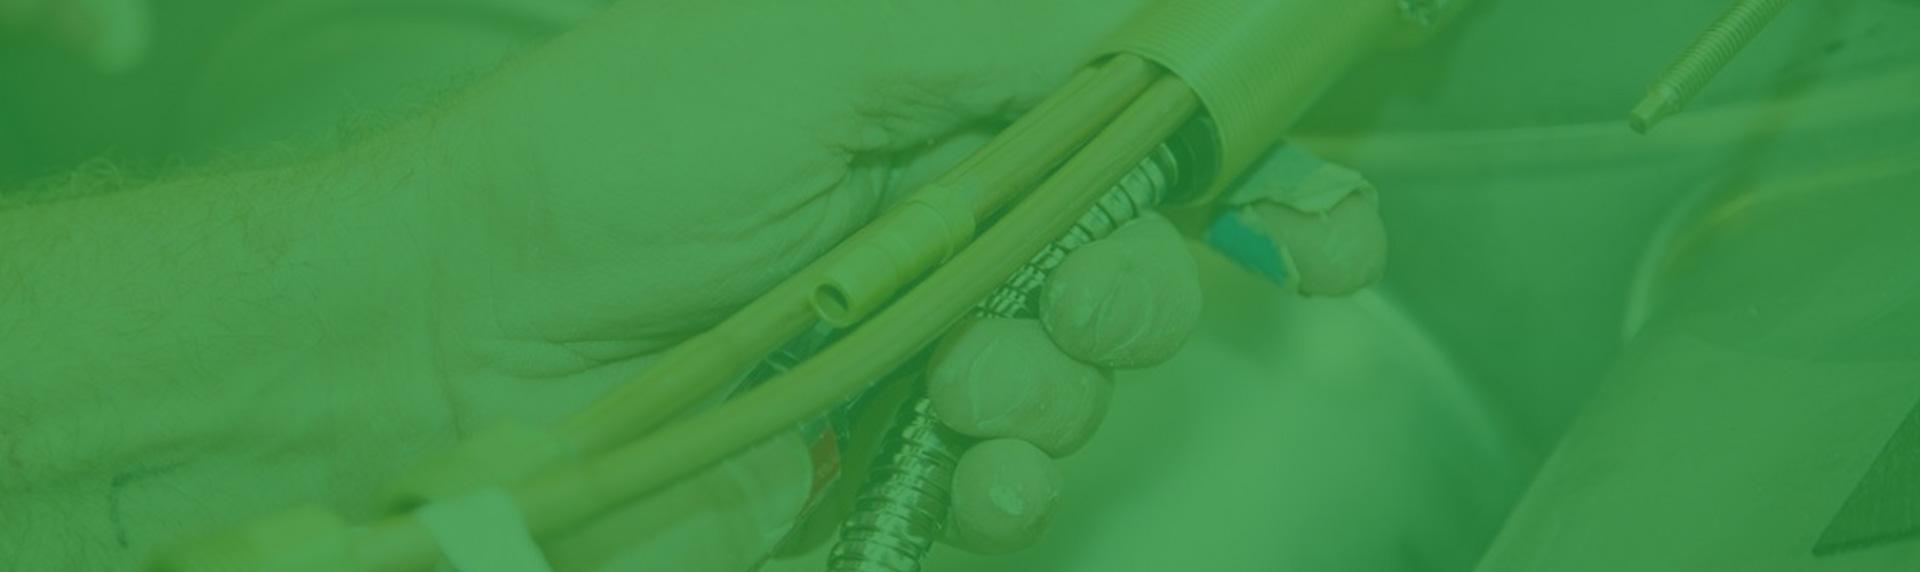 Fotografía en plno detalle de persona sosteniendo una tubería